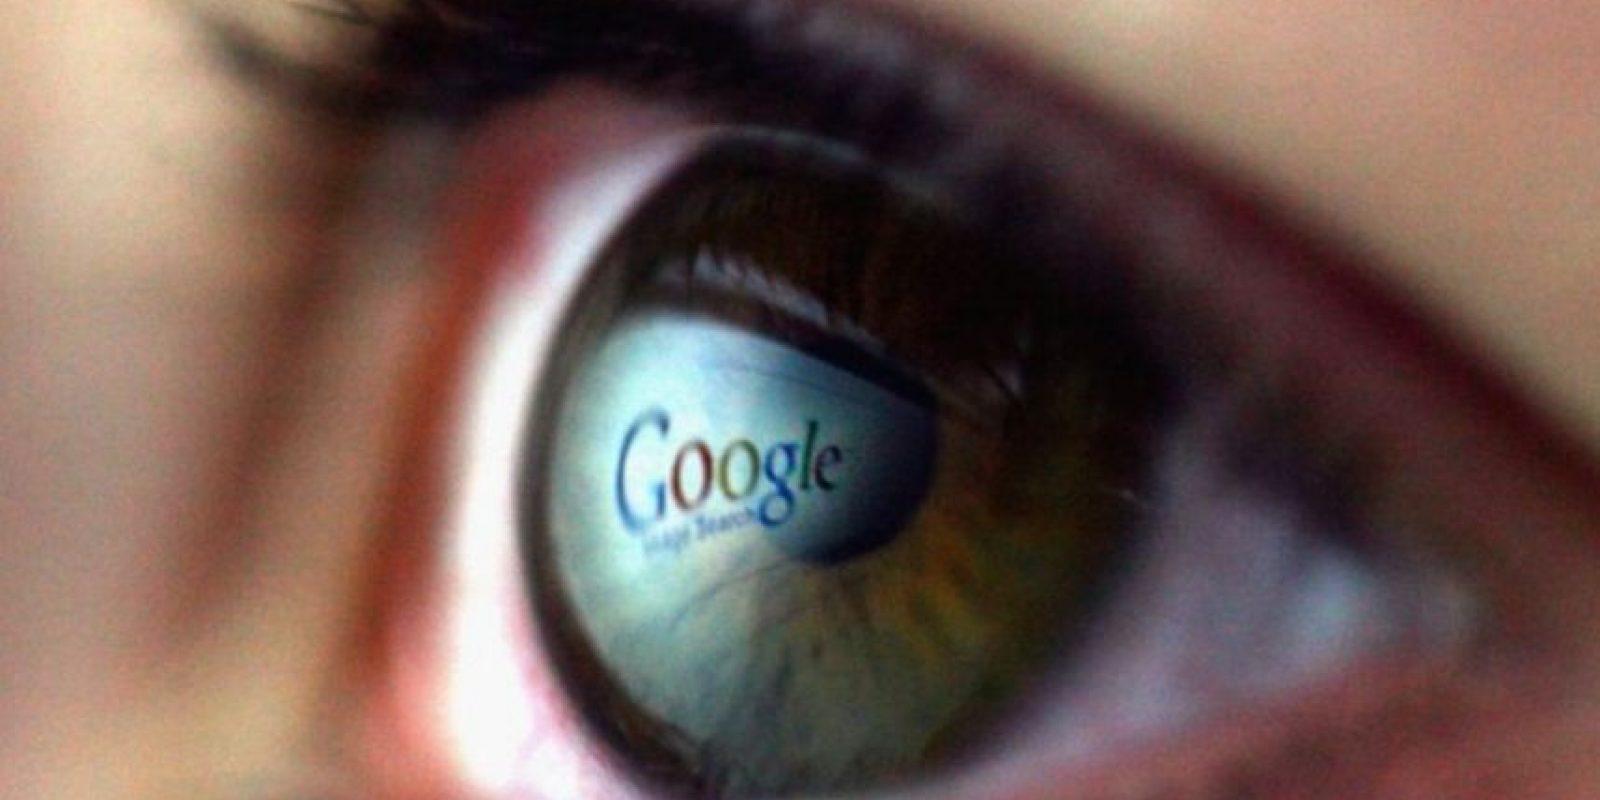 Utilicen herramientas de seguridad para analizar sus correos electónicos. Foto:Getty Images